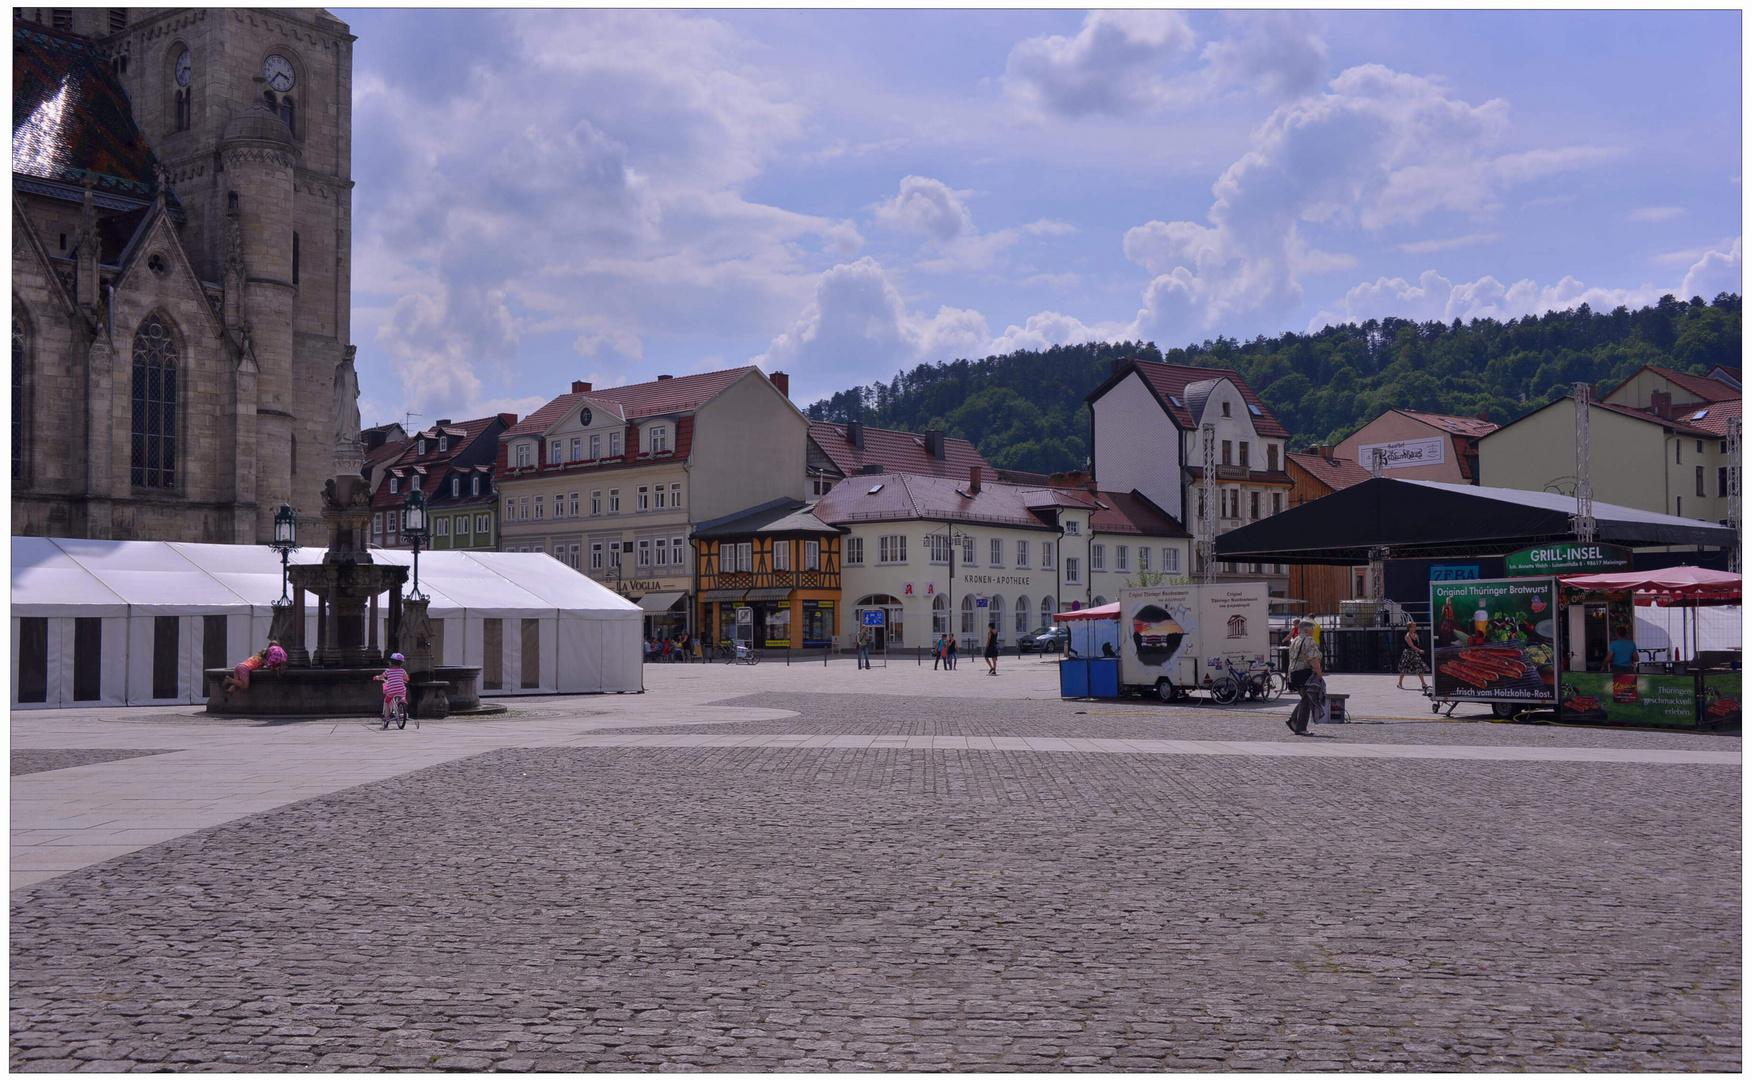 un imagen de mi nueva cámara XI - Meiningen, la plaza mayor, contraluz